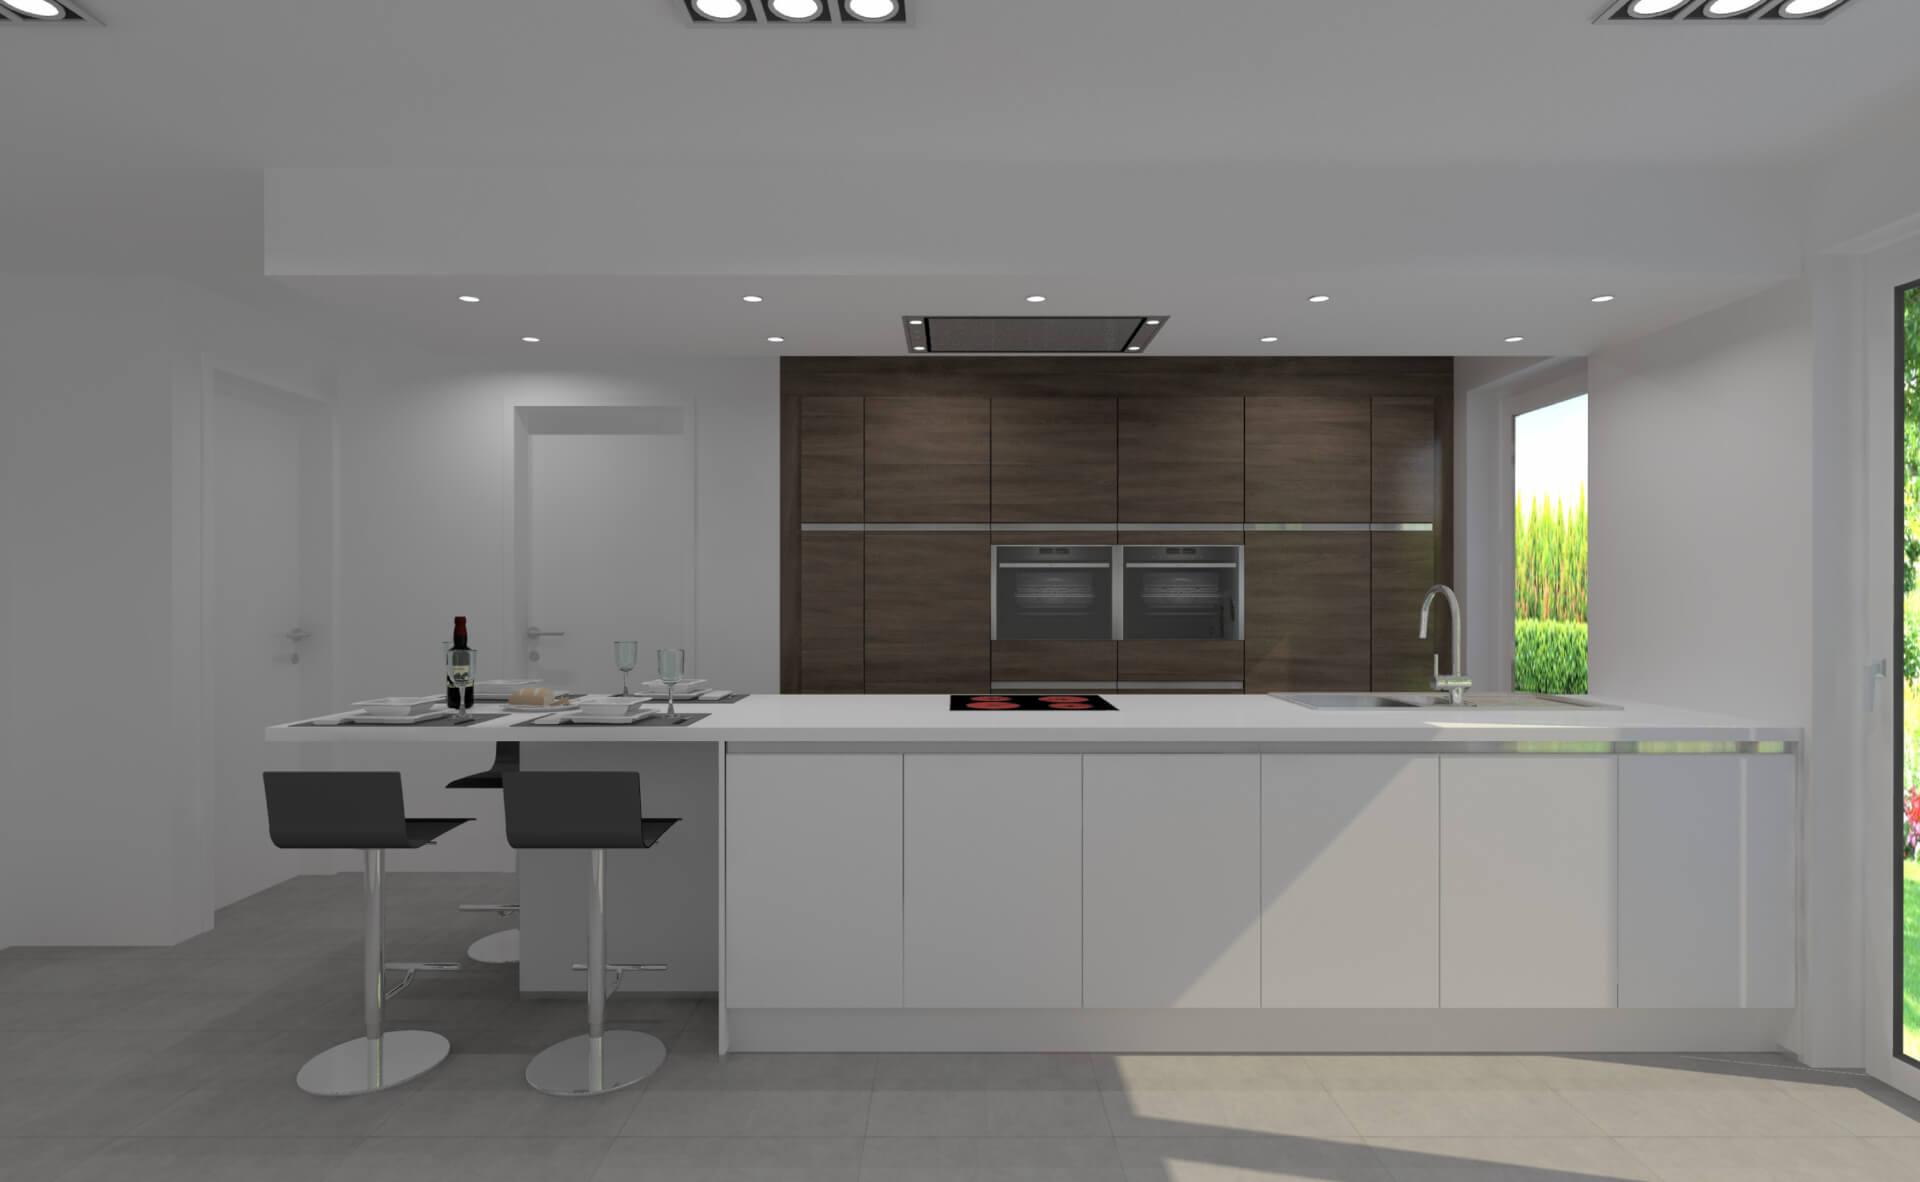 Moderne Keuken Ontwerpen : Creato keukens 3d ontwerpen